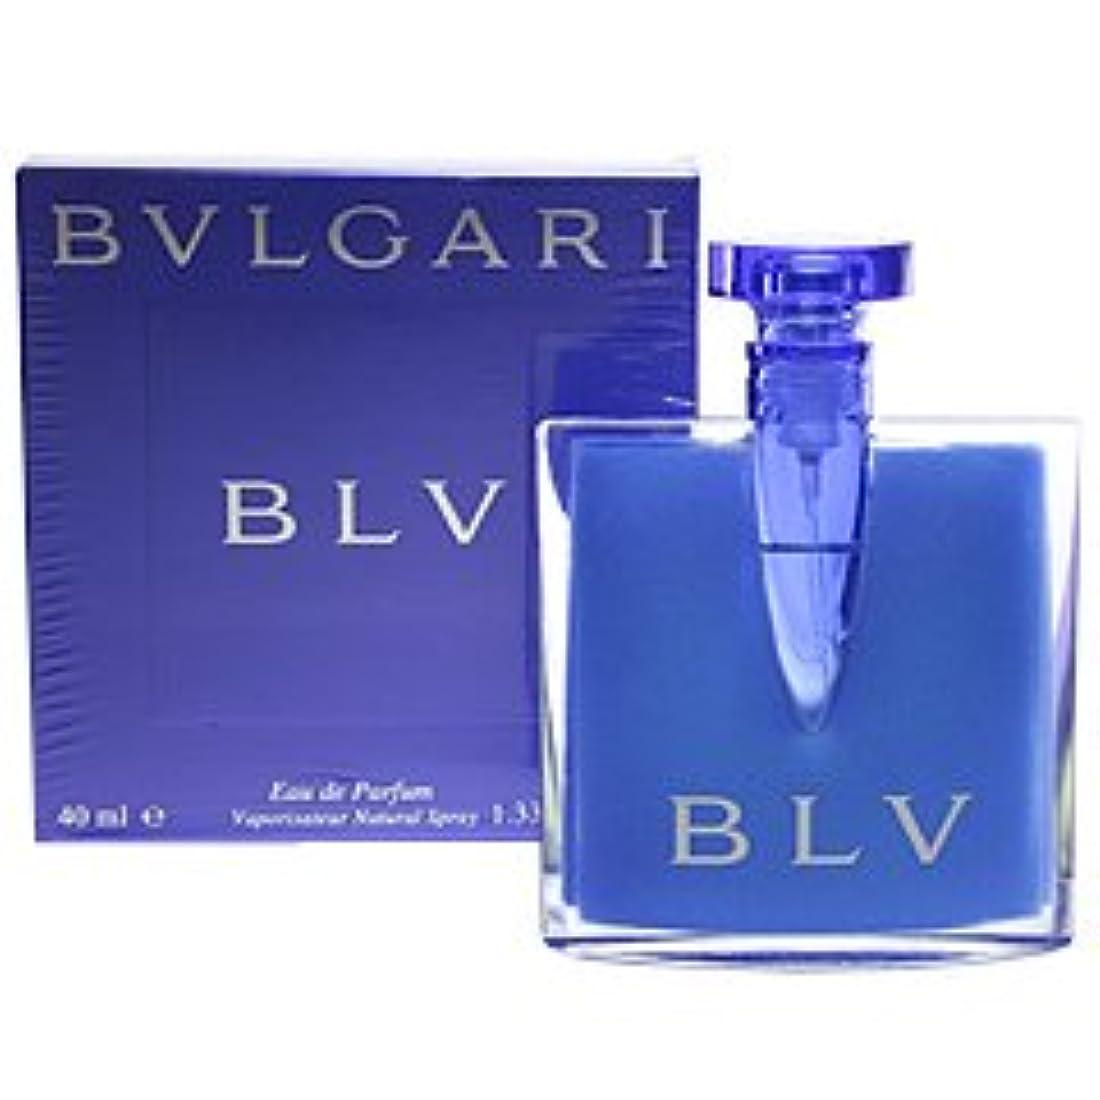 プロペラテストペナルティブルガリ(BVLGARI) ブルー EDP SP 40ml[並行輸入品]